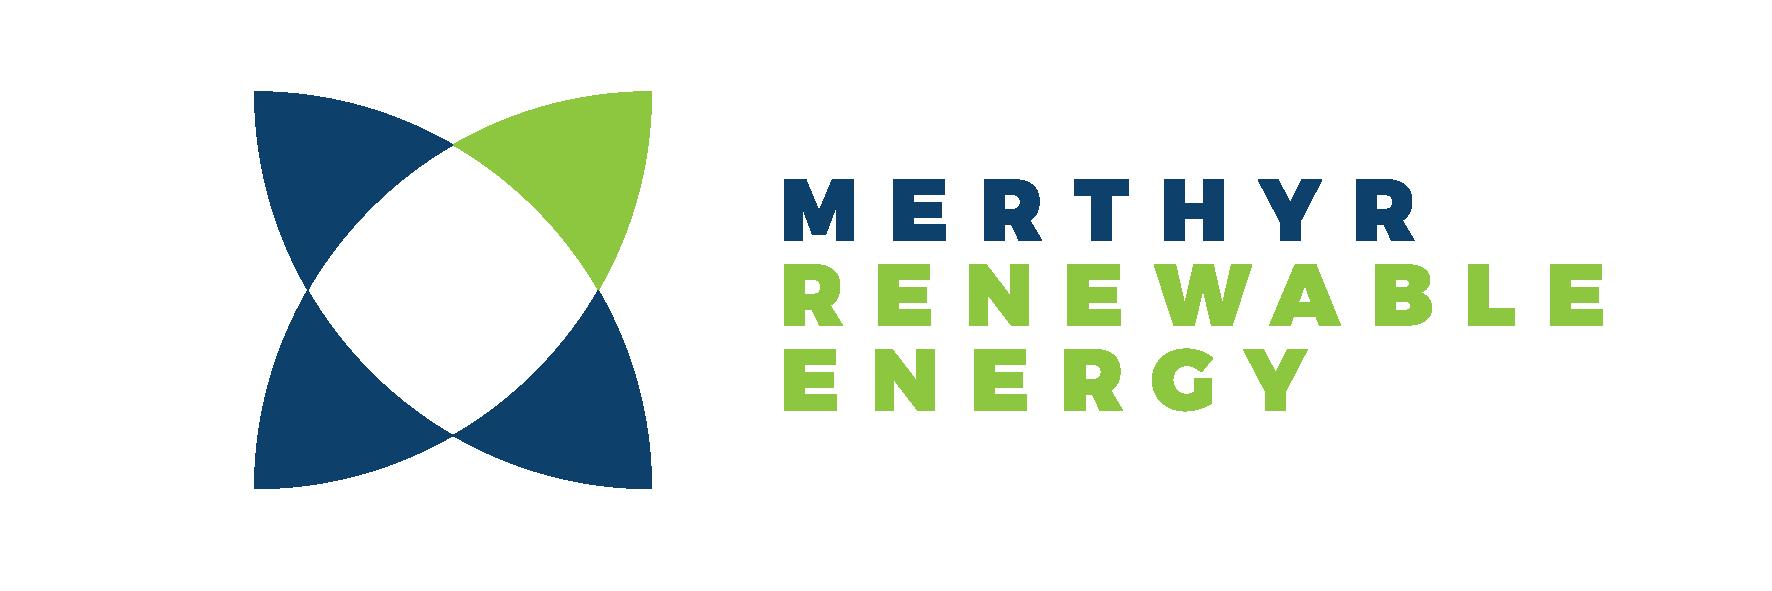 Merthyr Renewable Energy